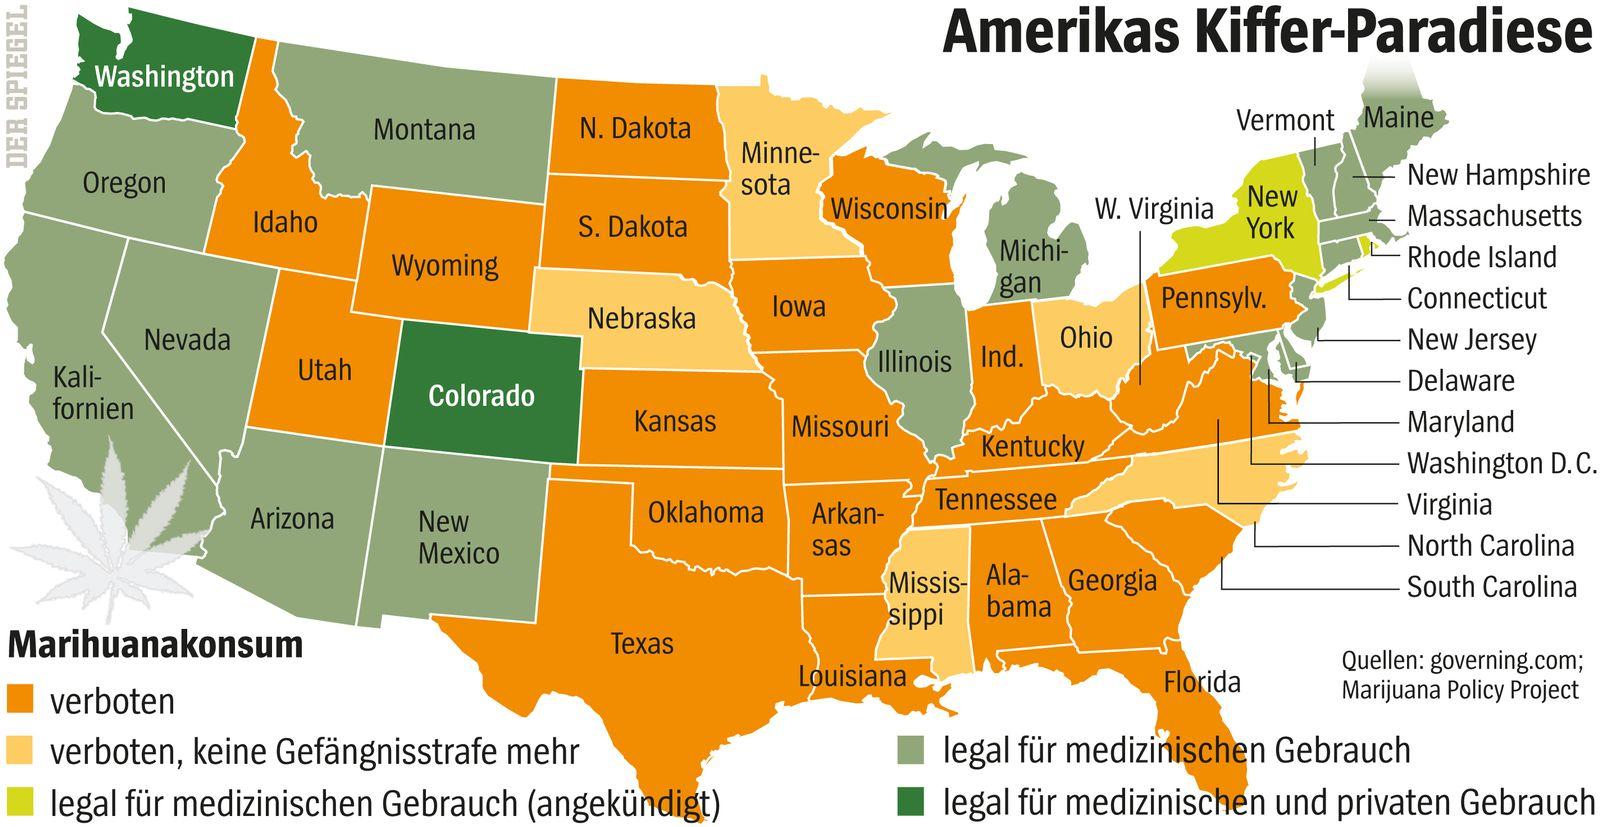 SPIEGEL 26/2014 Grafik USA / Marihuana Cannabis